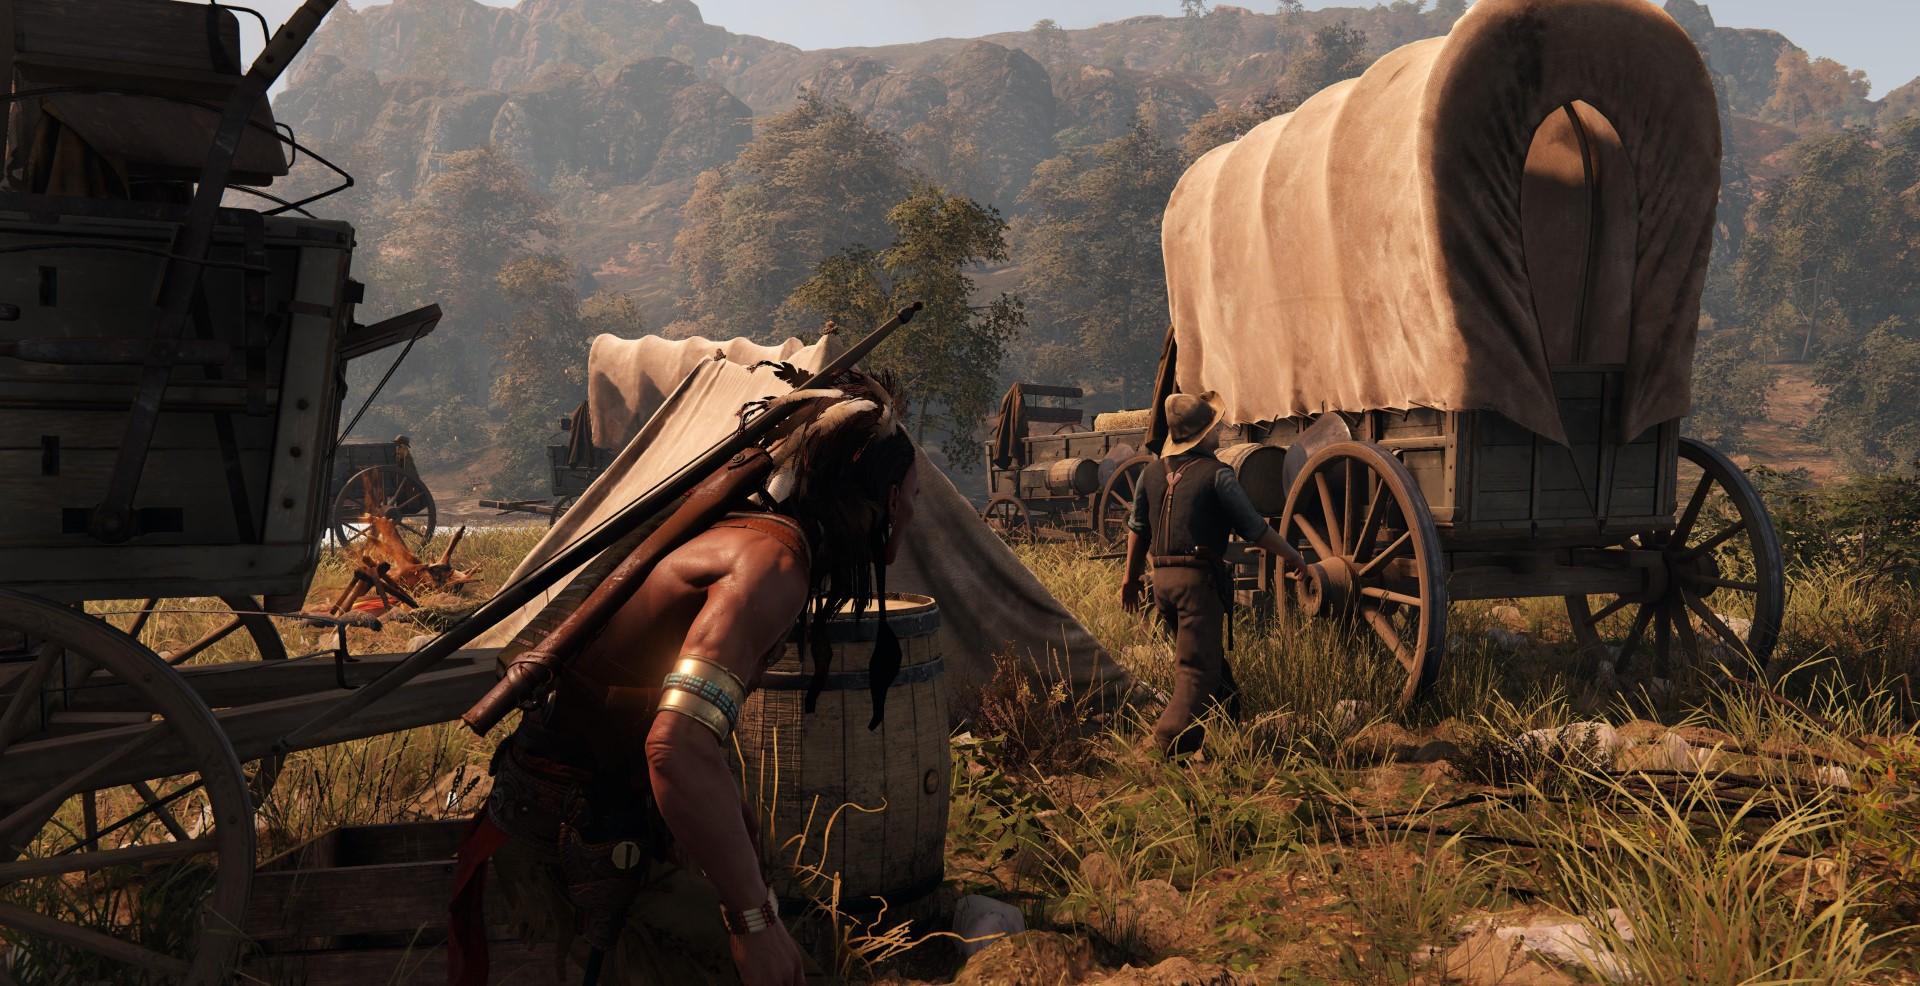 这是我的土地游戏图片欣赏